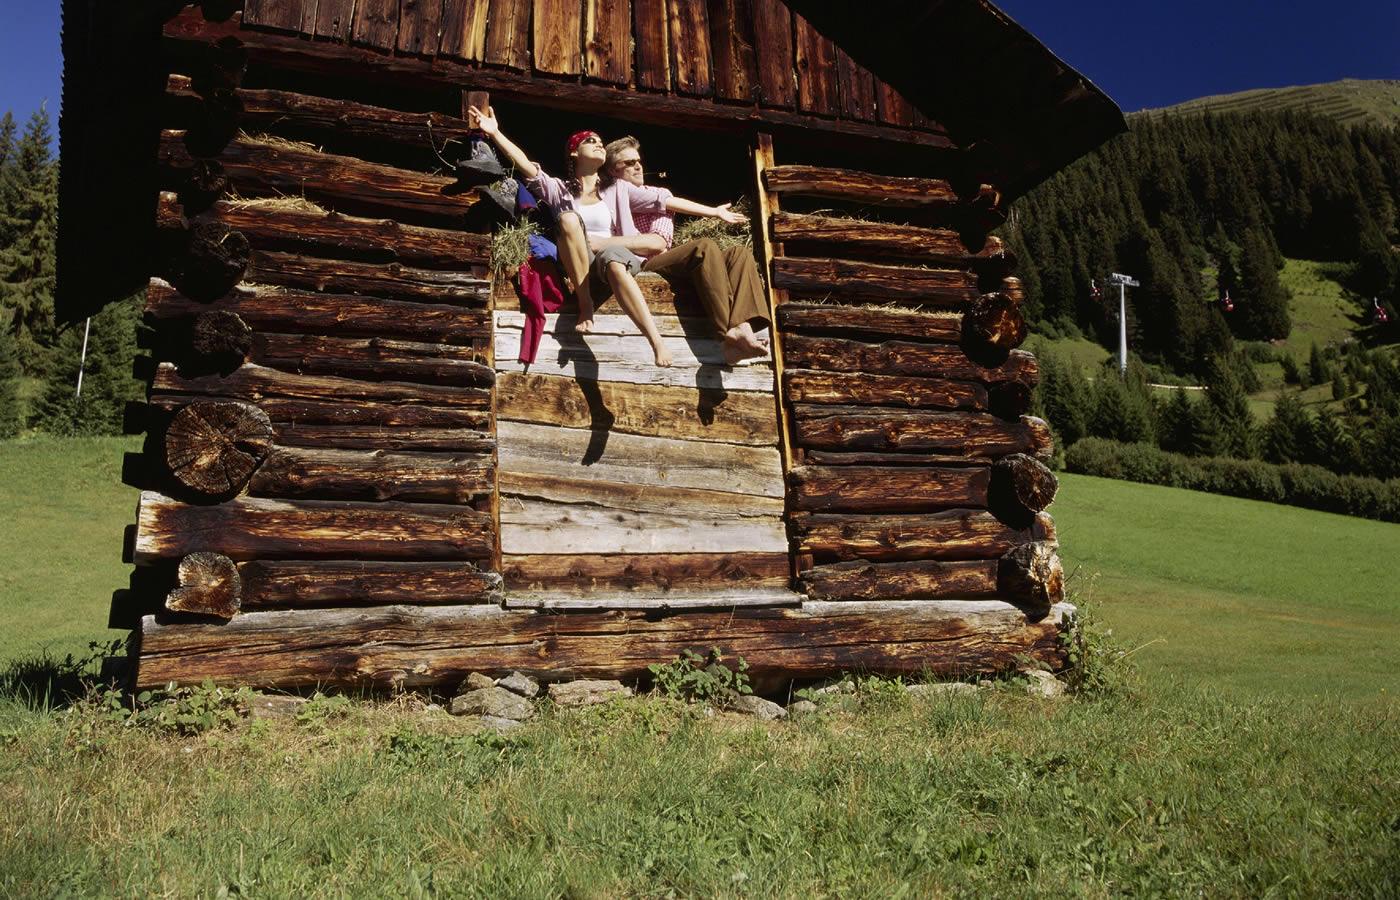 Holzhütte - Fiss in Tirol Österreich. Sommer-Urlaubsregion für Familie,